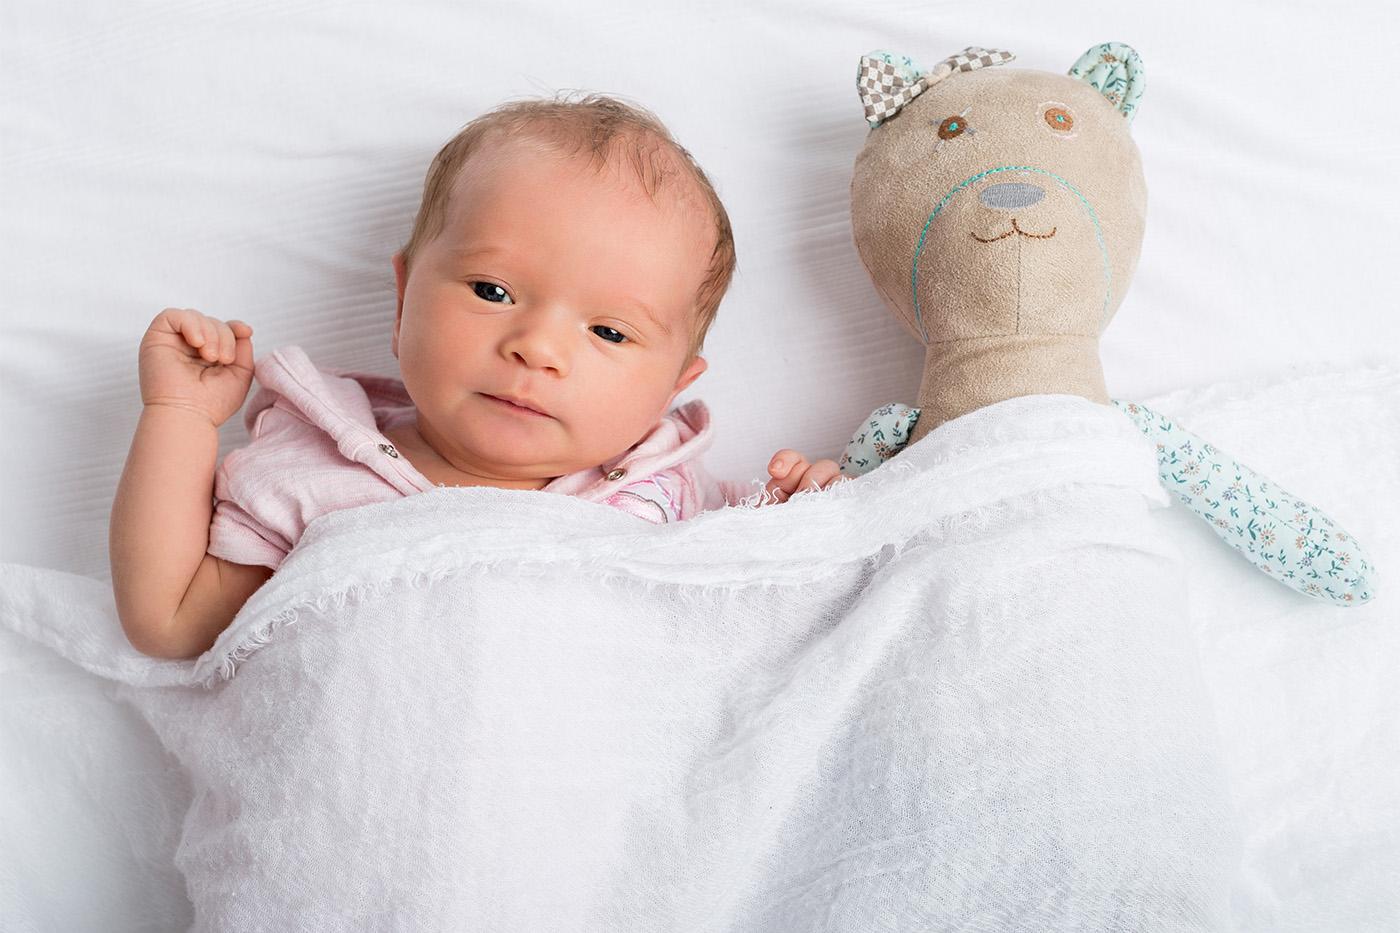 babyfotos kinder fotoshooting in wels. Black Bedroom Furniture Sets. Home Design Ideas